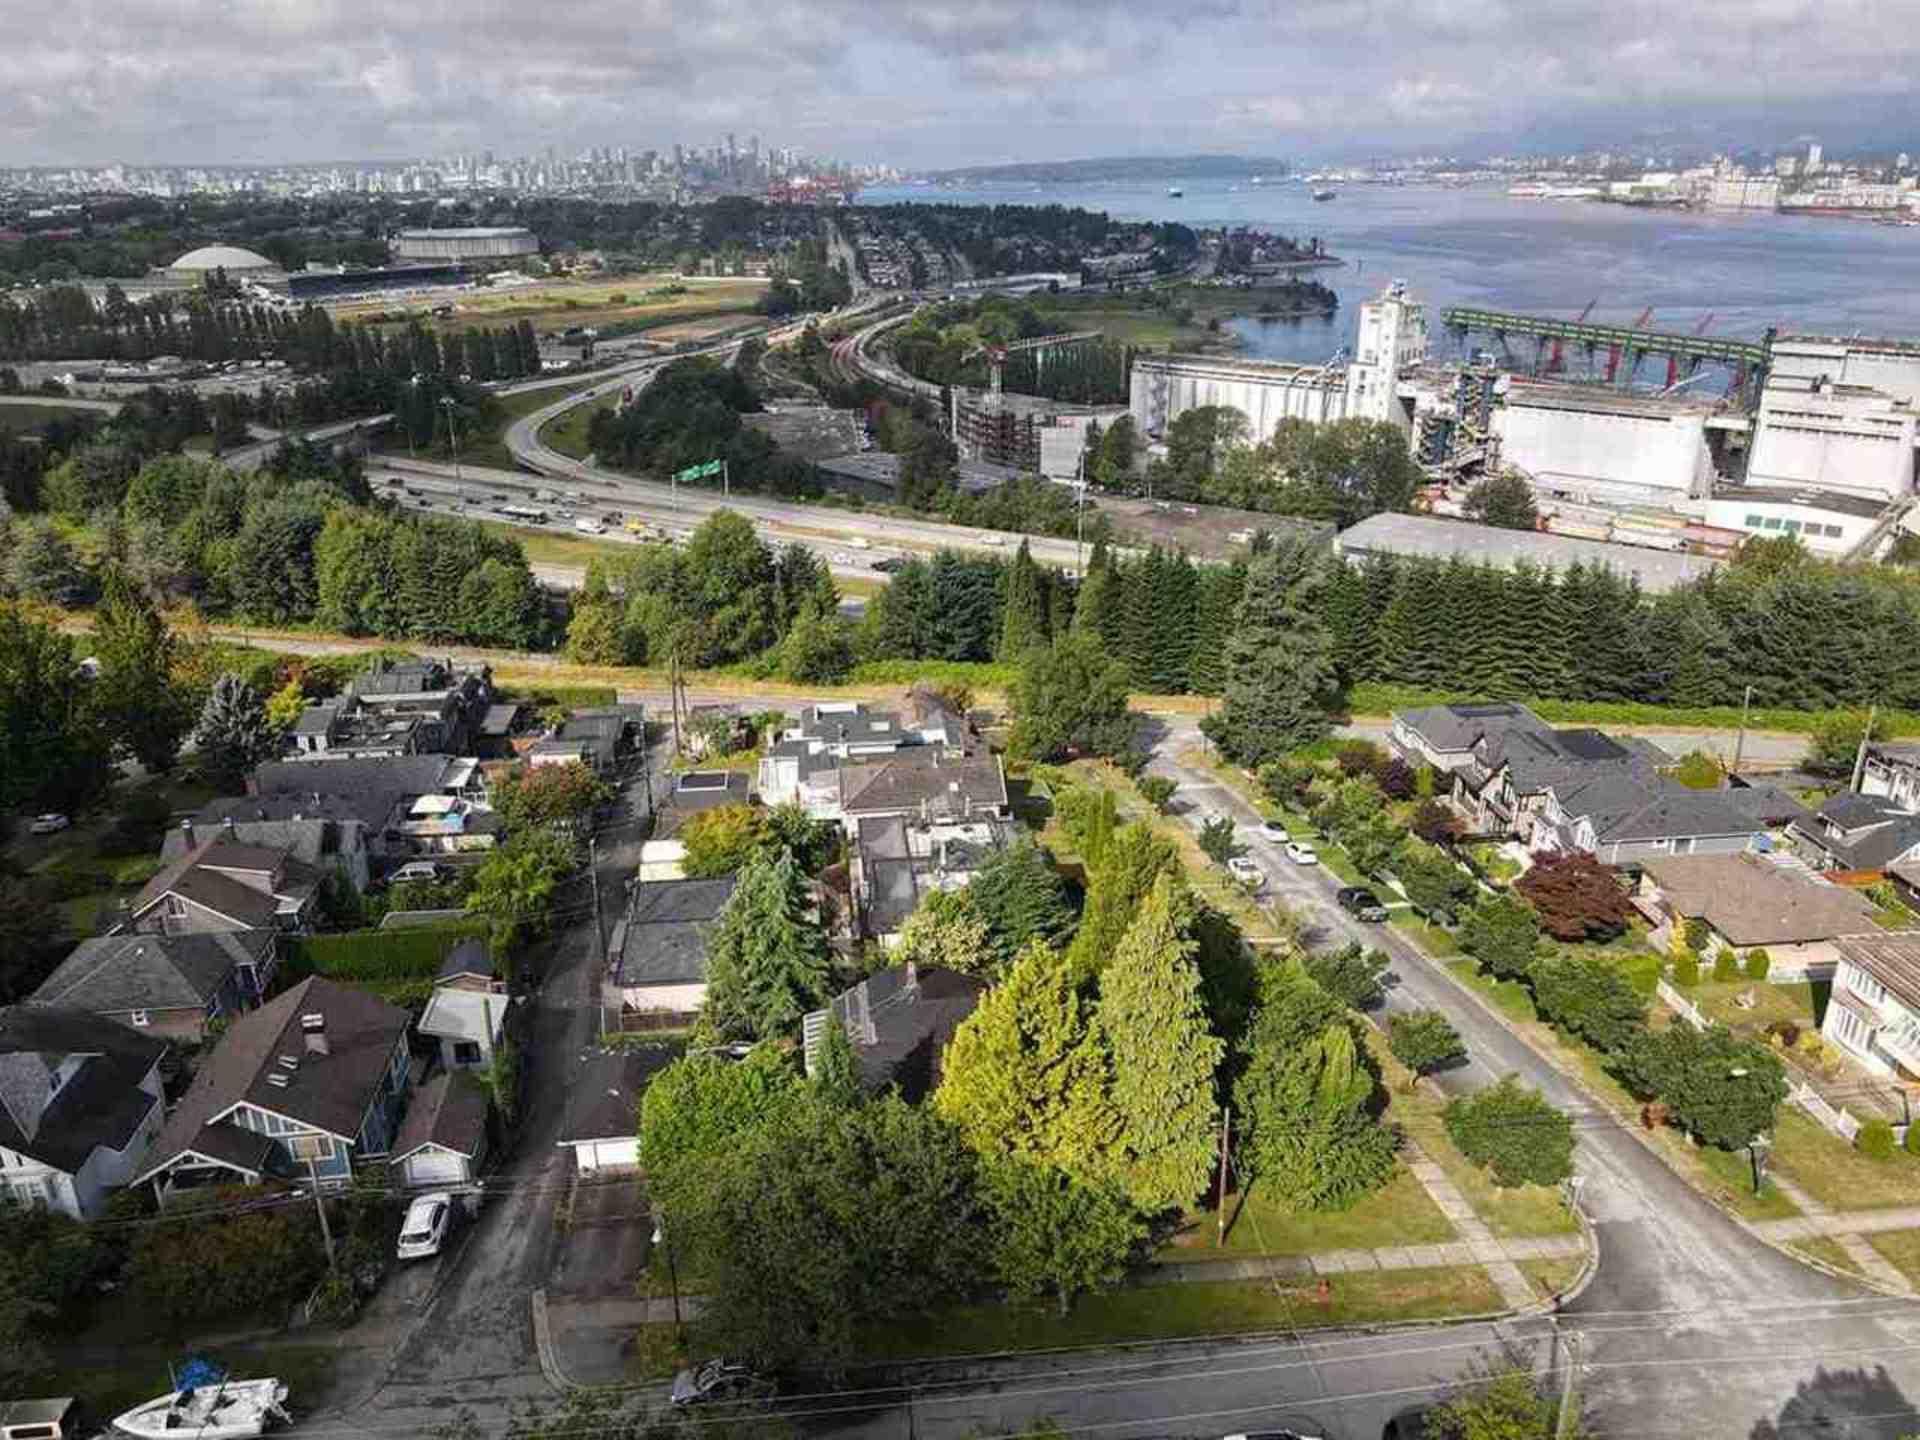 375-n-kootenay-street-hastings-vancouver-east-10 at 375 N Kootenay Street, Hastings, Vancouver East